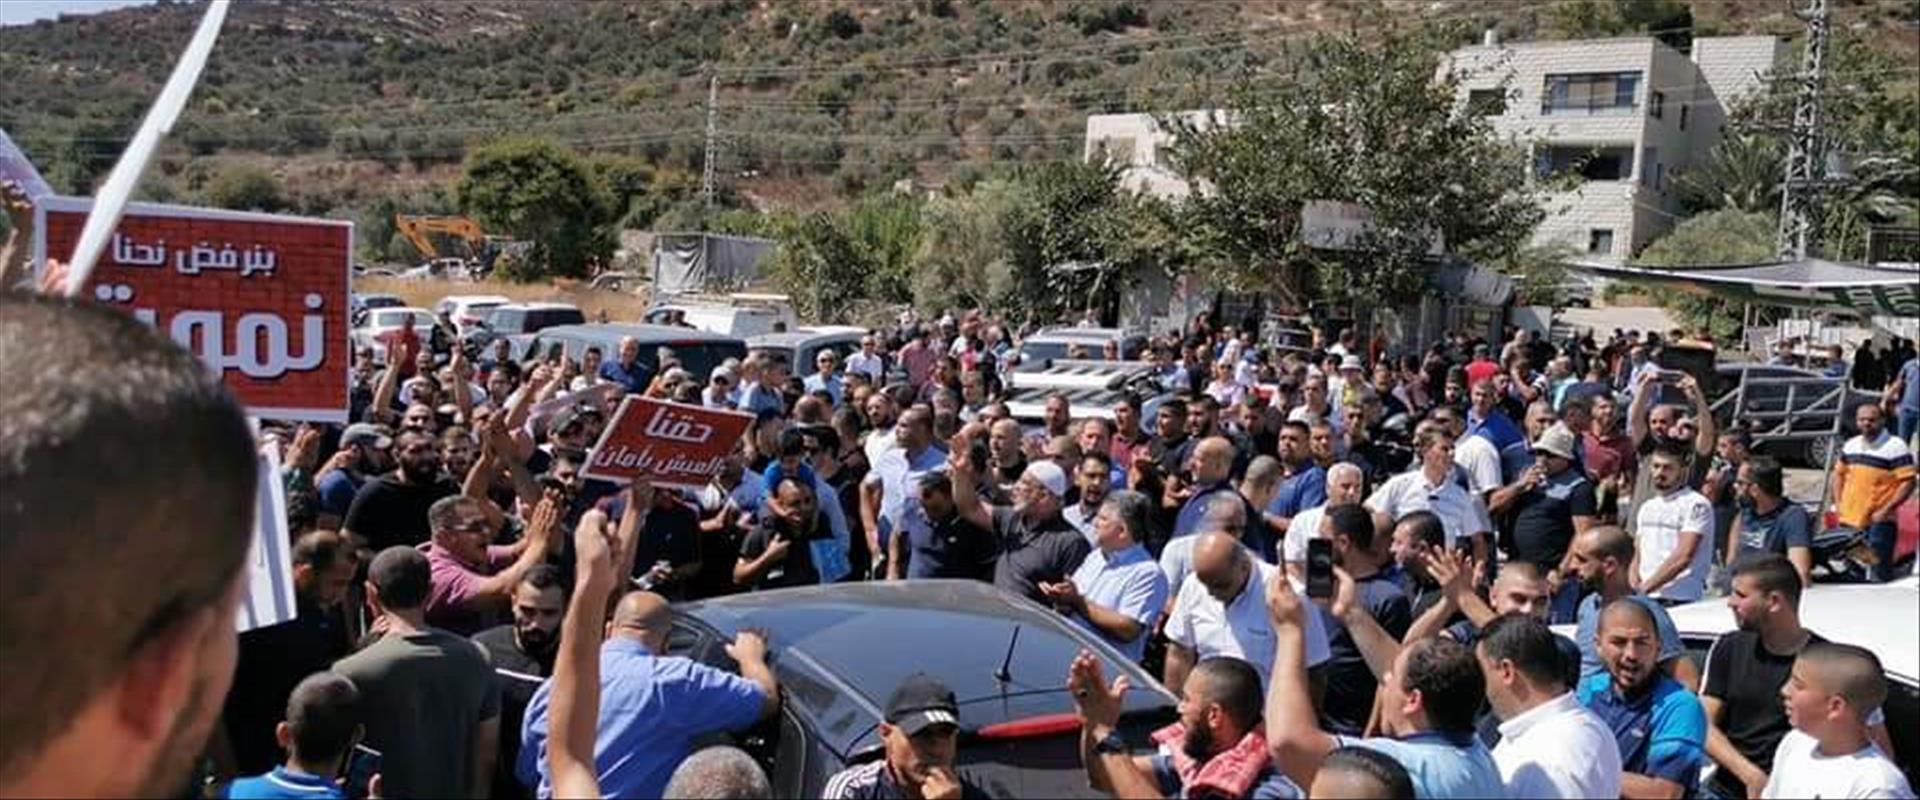 הפגנות באום אל פחם נגד האלימות בחברה הערבית